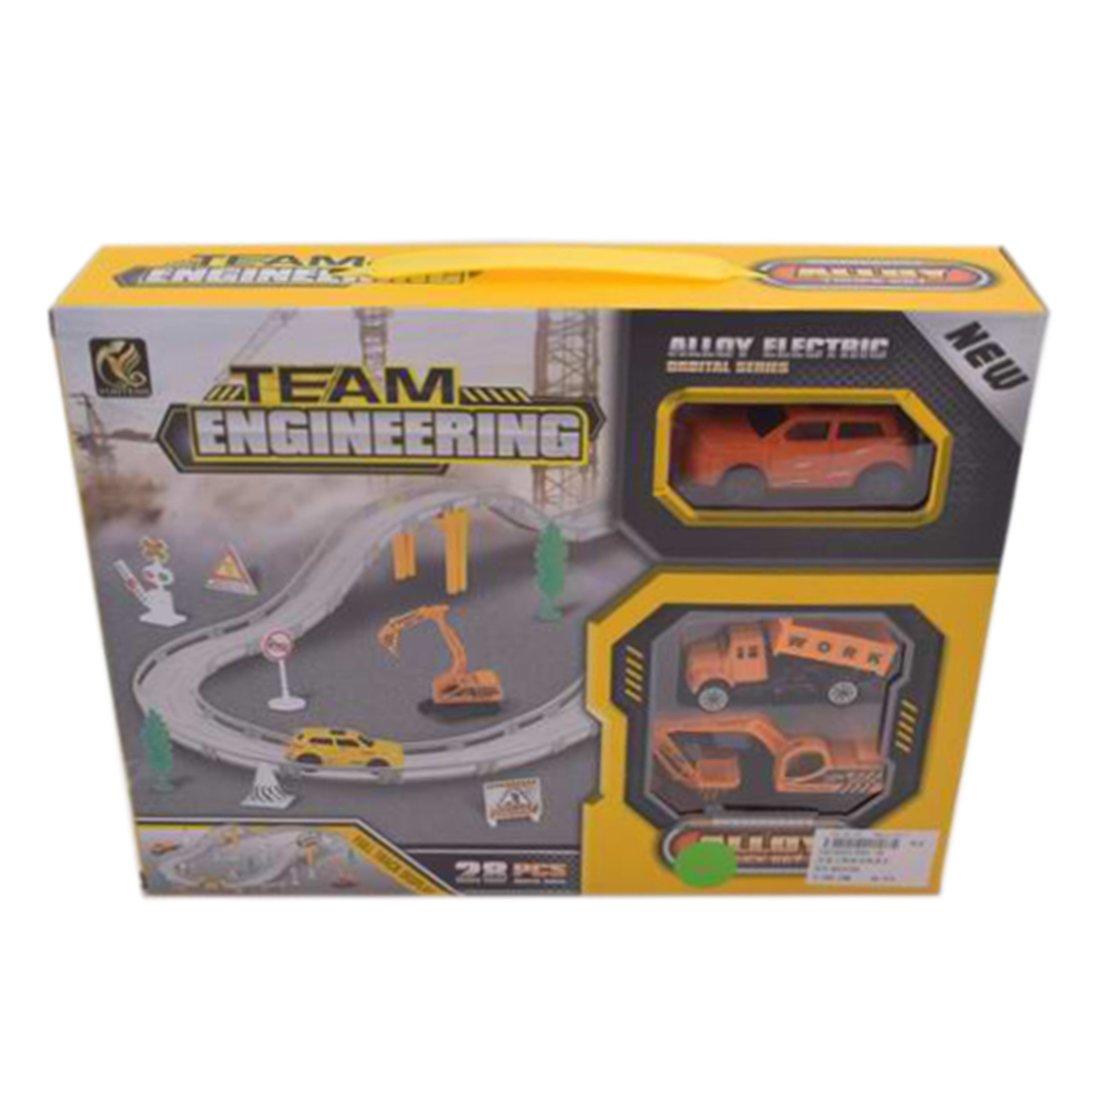 Игр.набор Автотрек, в комплекте: деталей 28шт, транспорт металл.2шт, машина эл., эл.пит.АА*1шт.не вх.в комплект, коробка